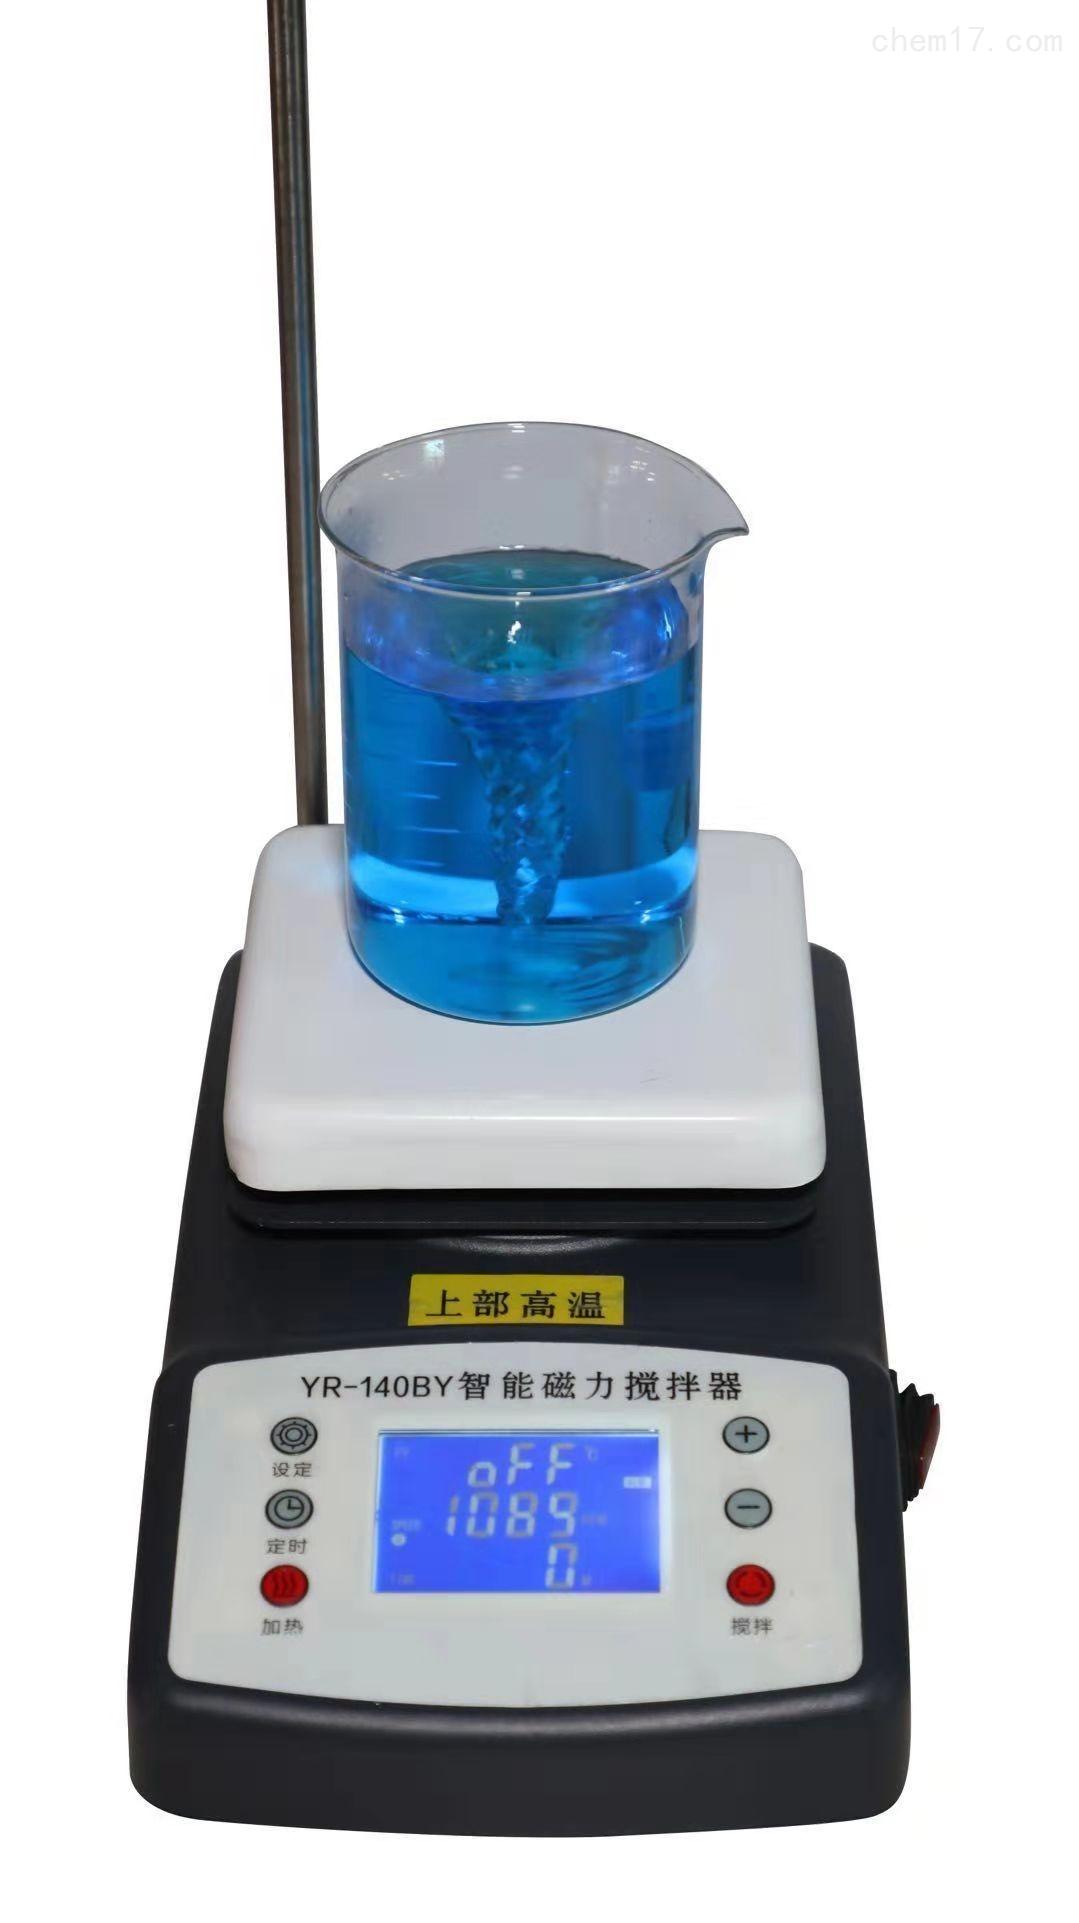 YR-140BY(智能定时)加热恒温磁力搅拌器